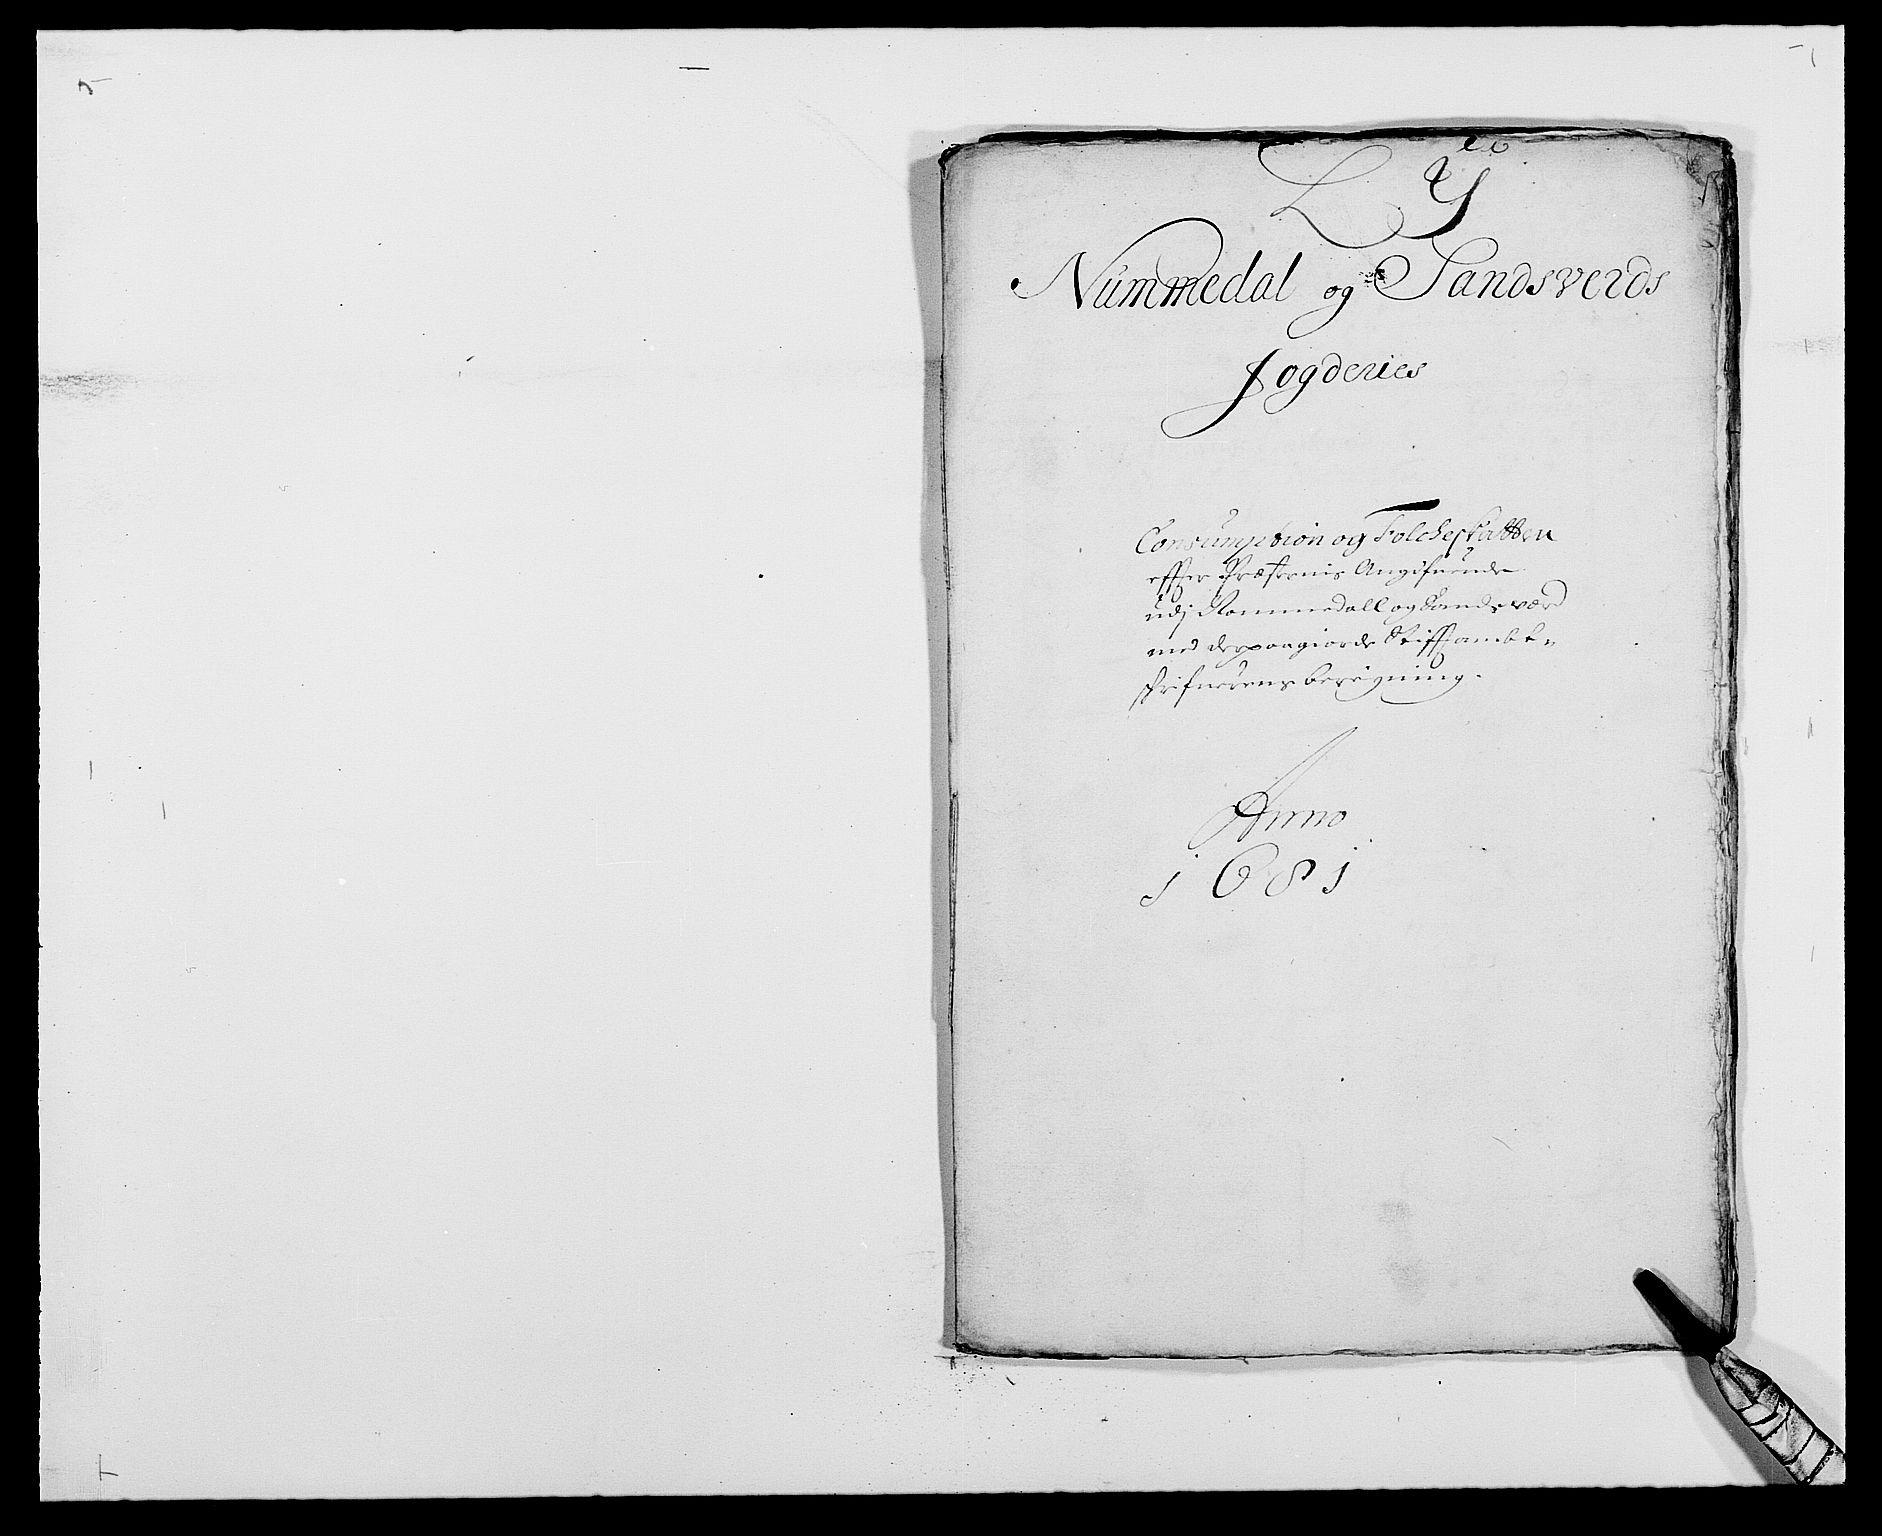 RA, Rentekammeret inntil 1814, Reviderte regnskaper, Fogderegnskap, R24/L1569: Fogderegnskap Numedal og Sandsvær, 1679-1686, s. 378